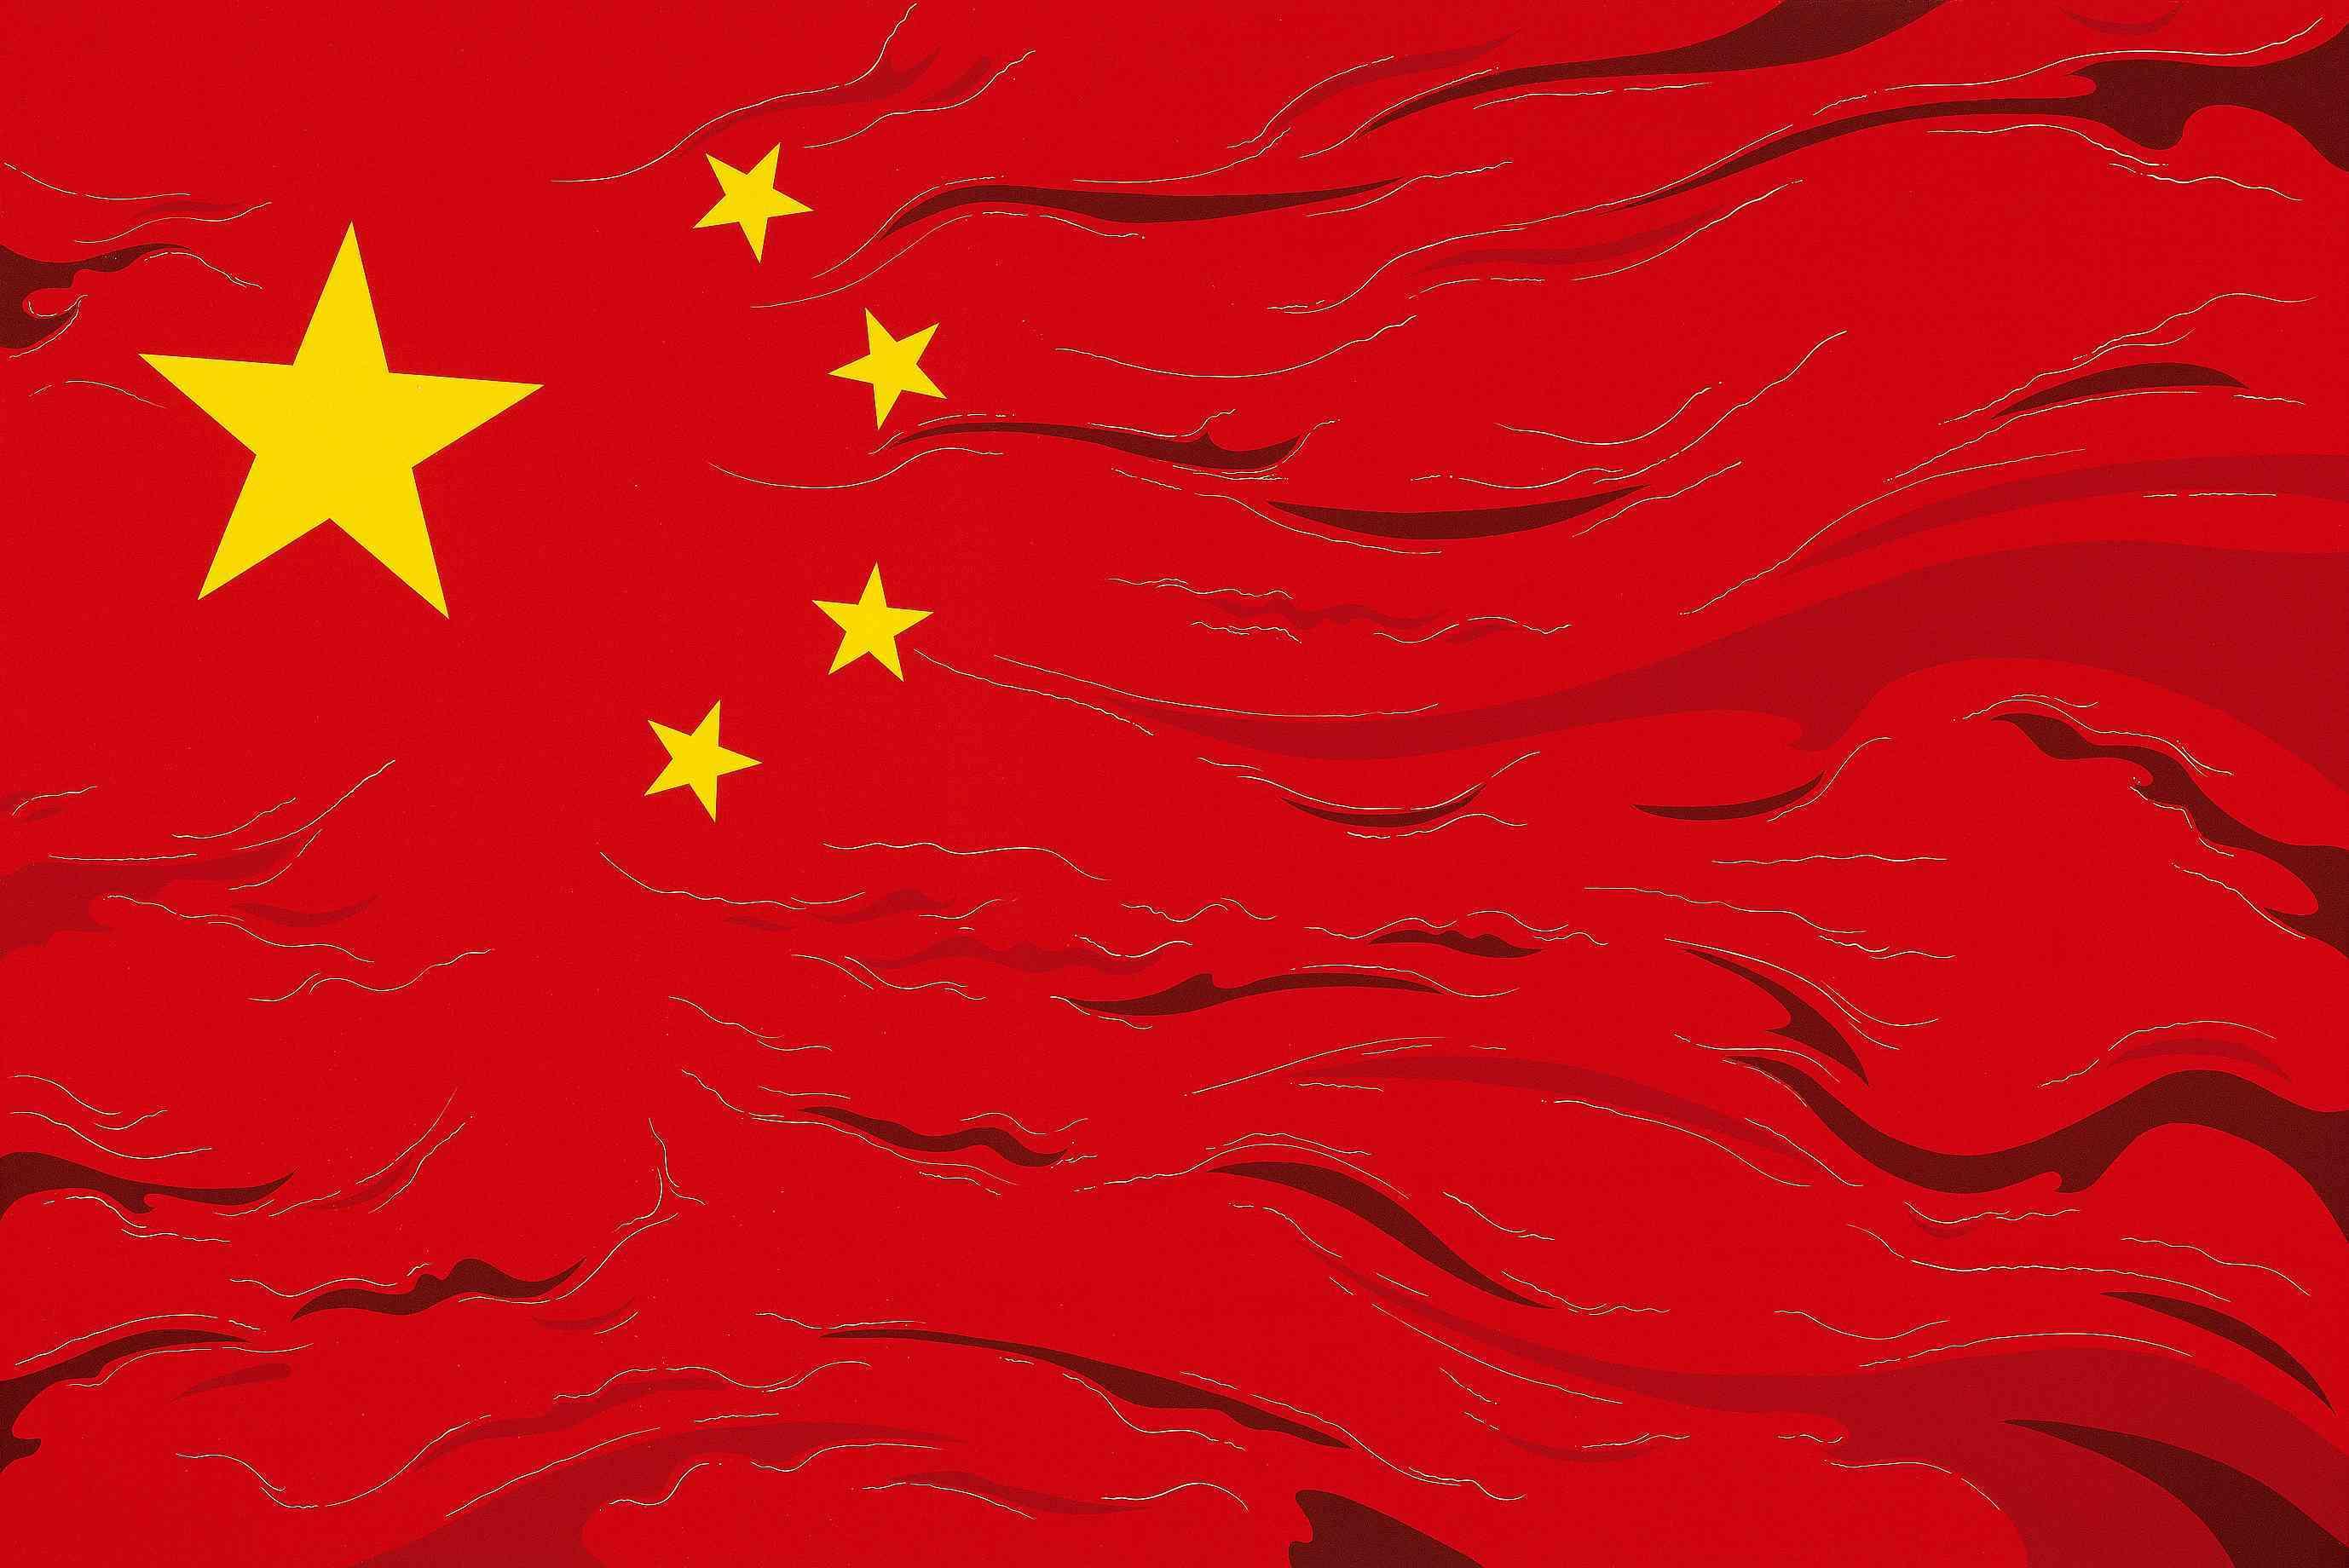 中國國旗壁紙_中國國旗壁紙畫法